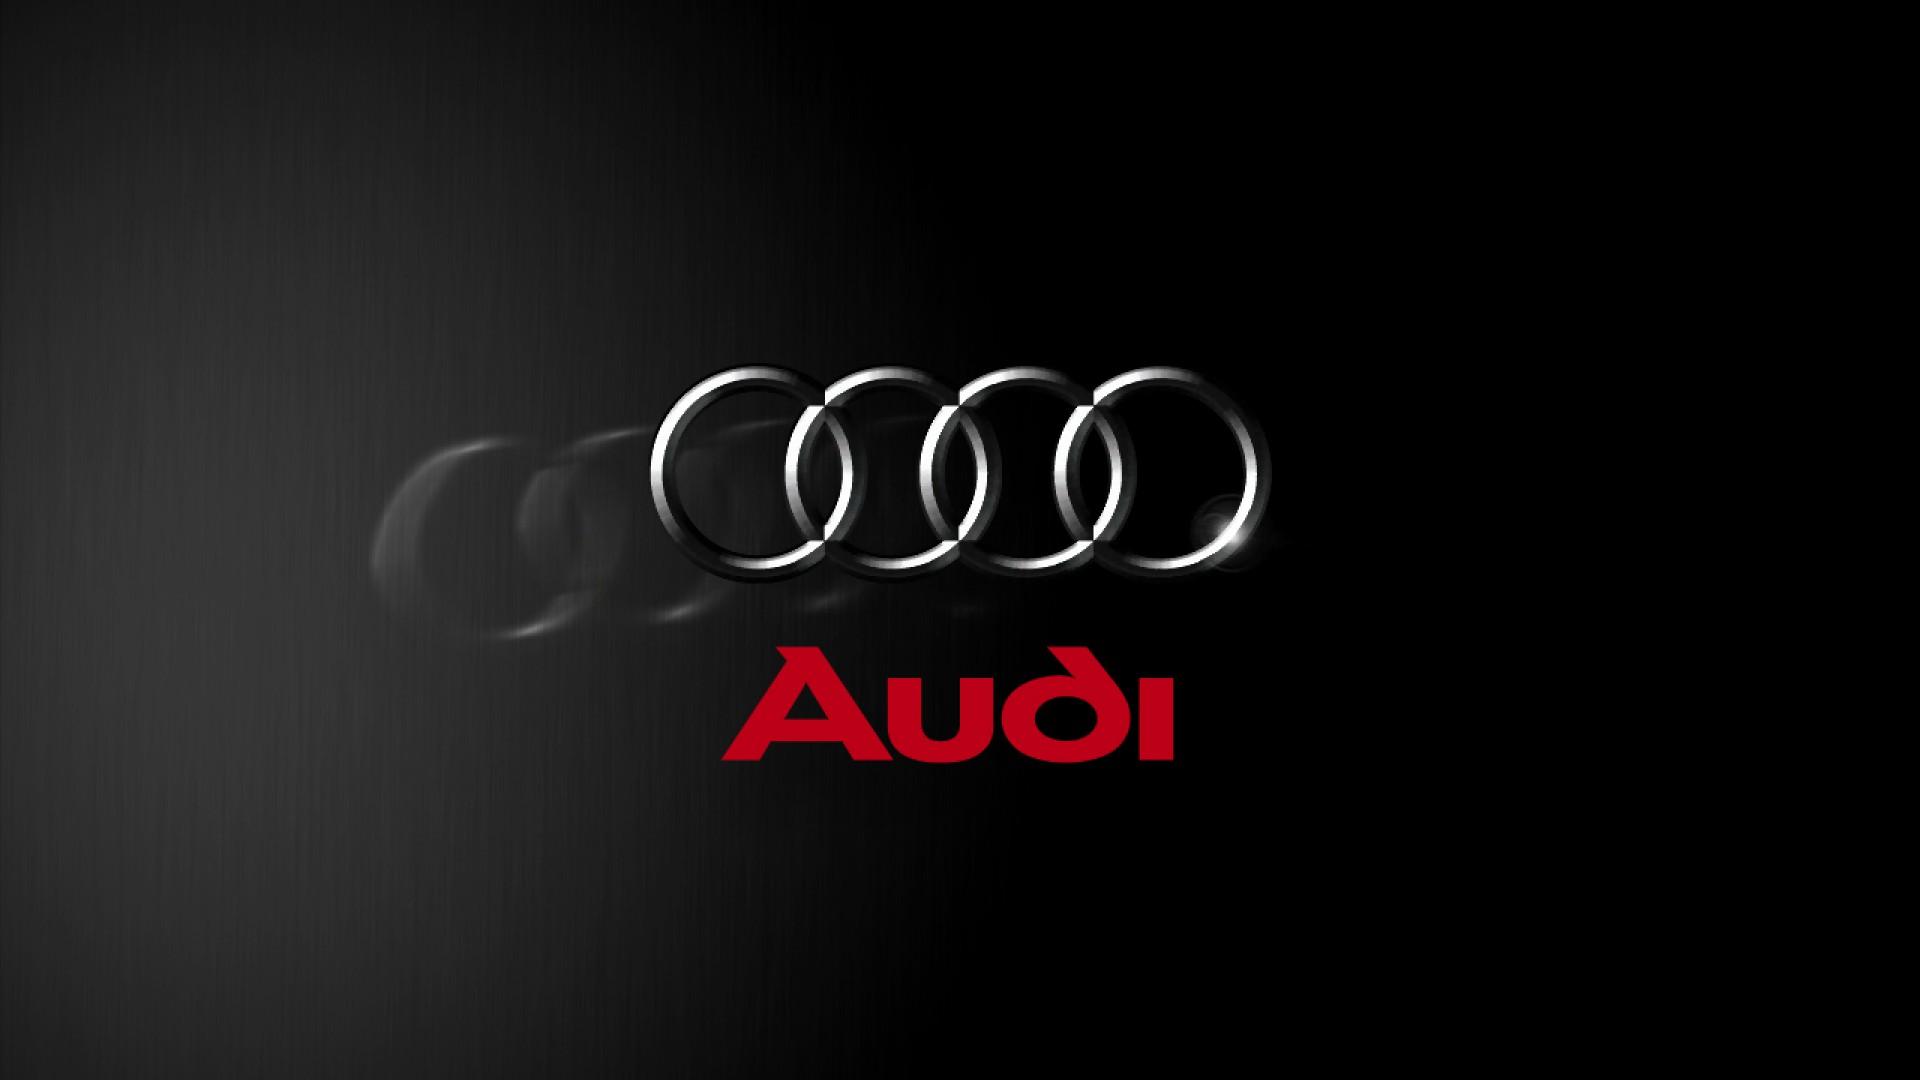 Download Audi Logo Hd Wallpaper 1080p 1920x1080 46 Audi Hd